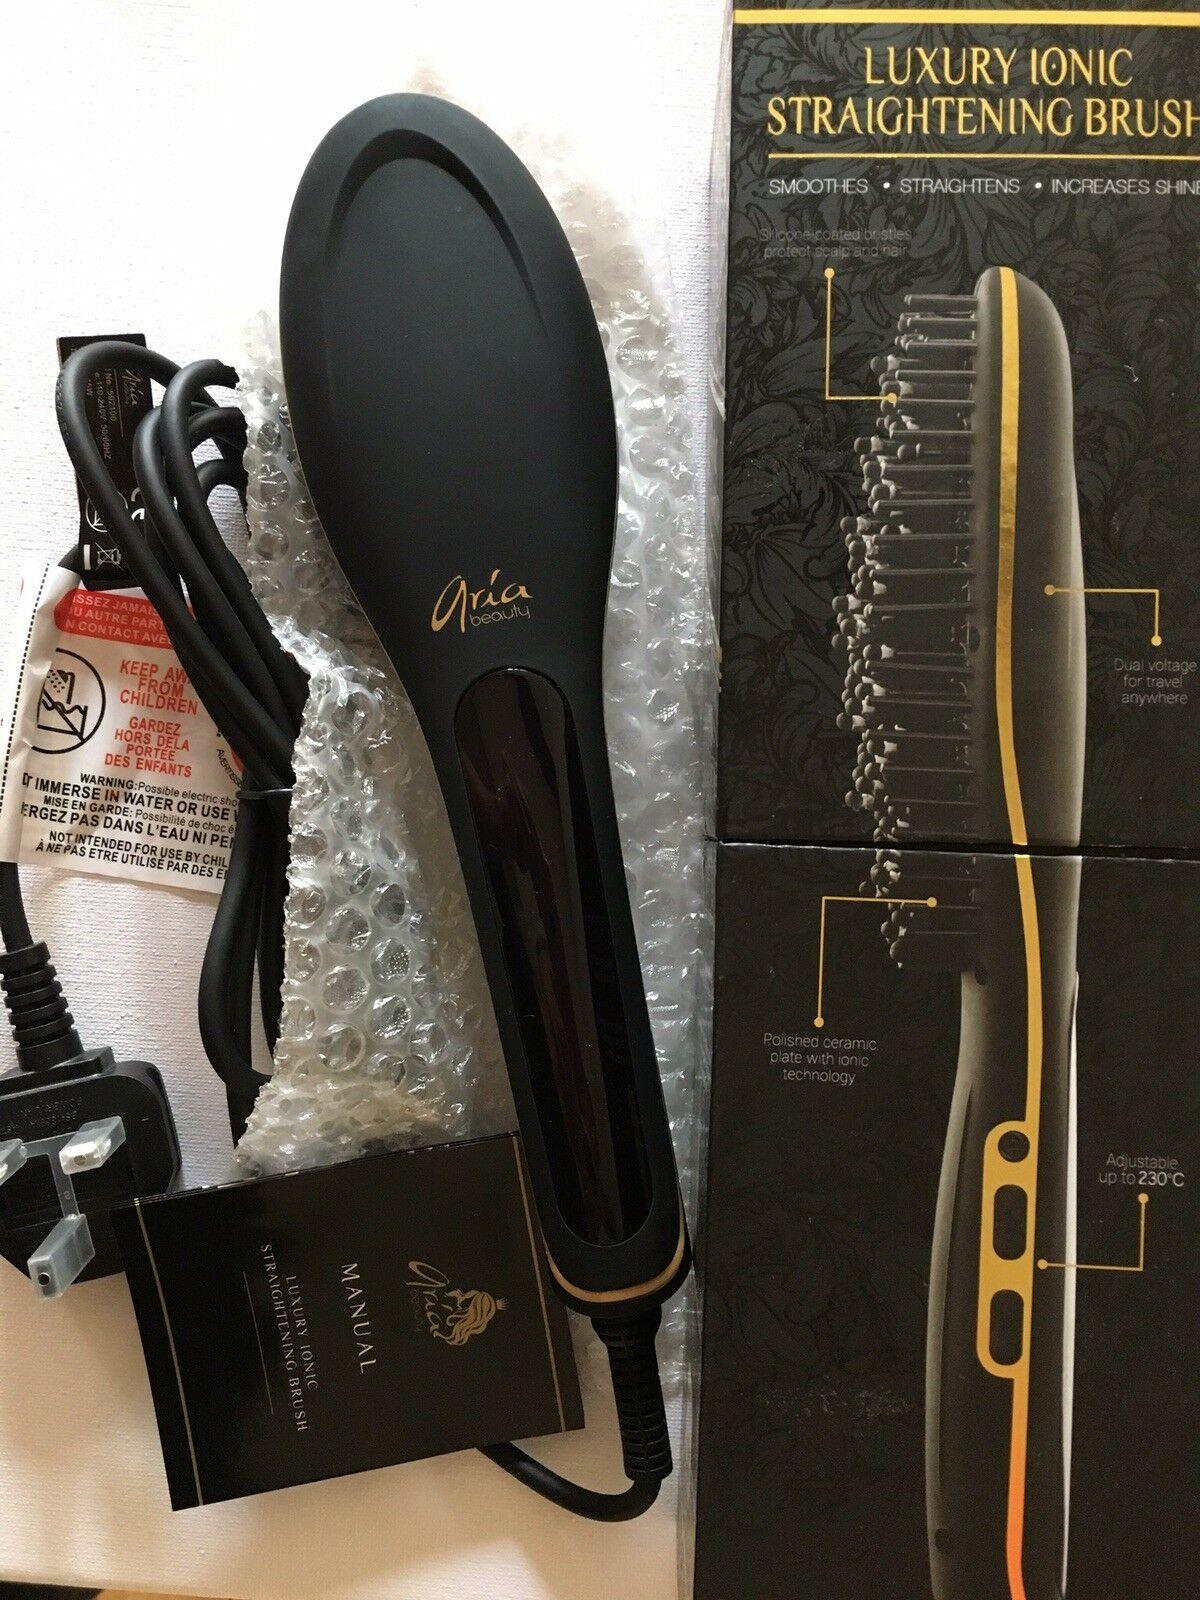 50x Hair straighteners Professional brush